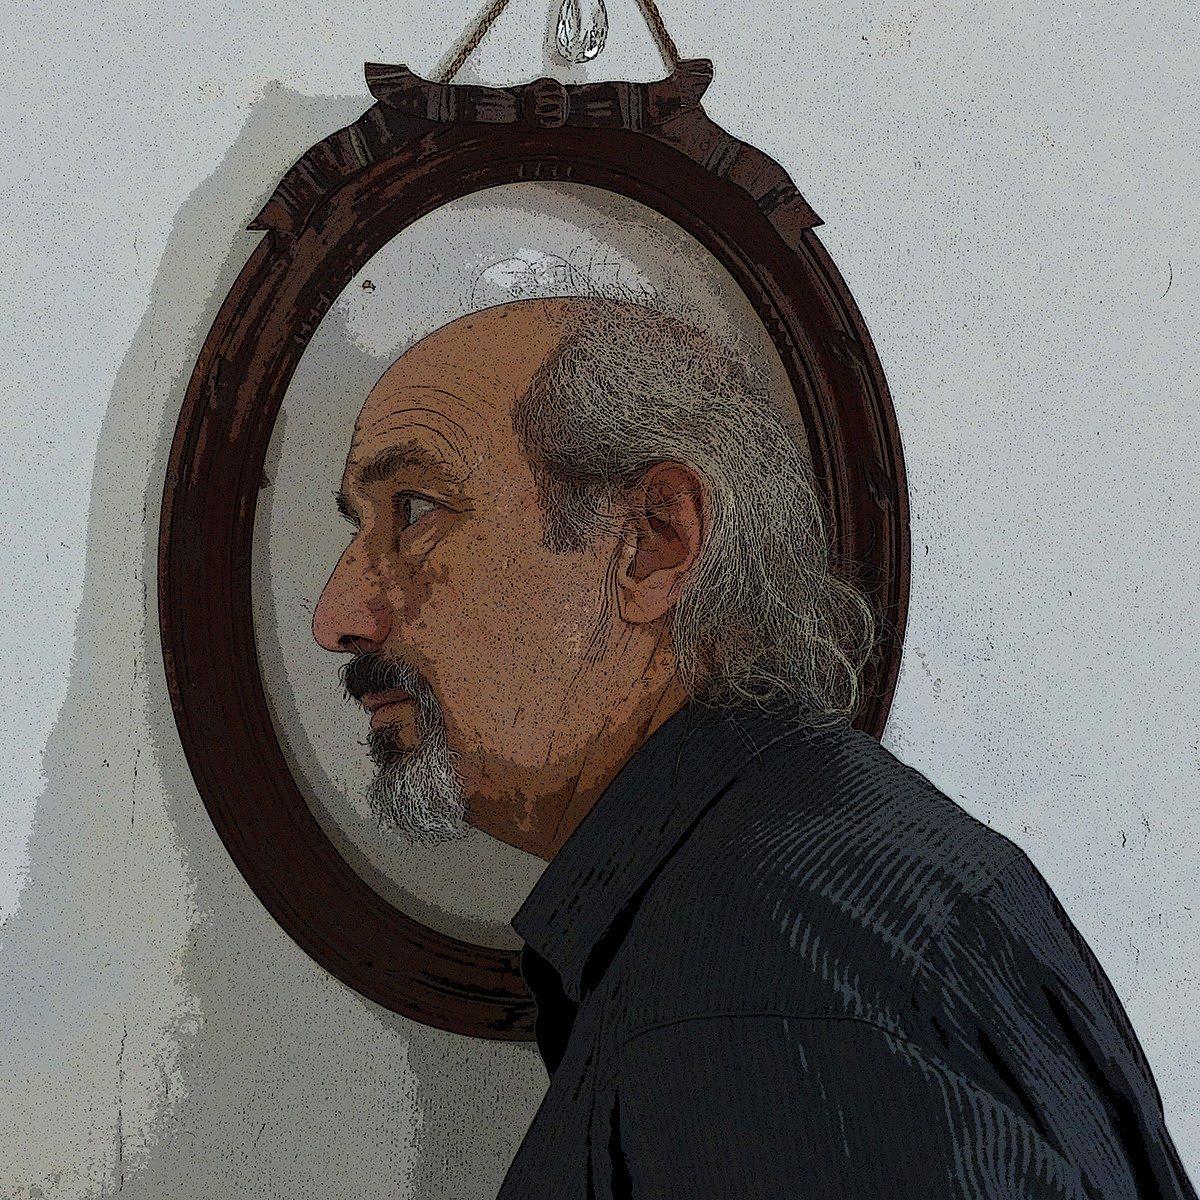 - Salvatore Puglia - FLAIR Galerie